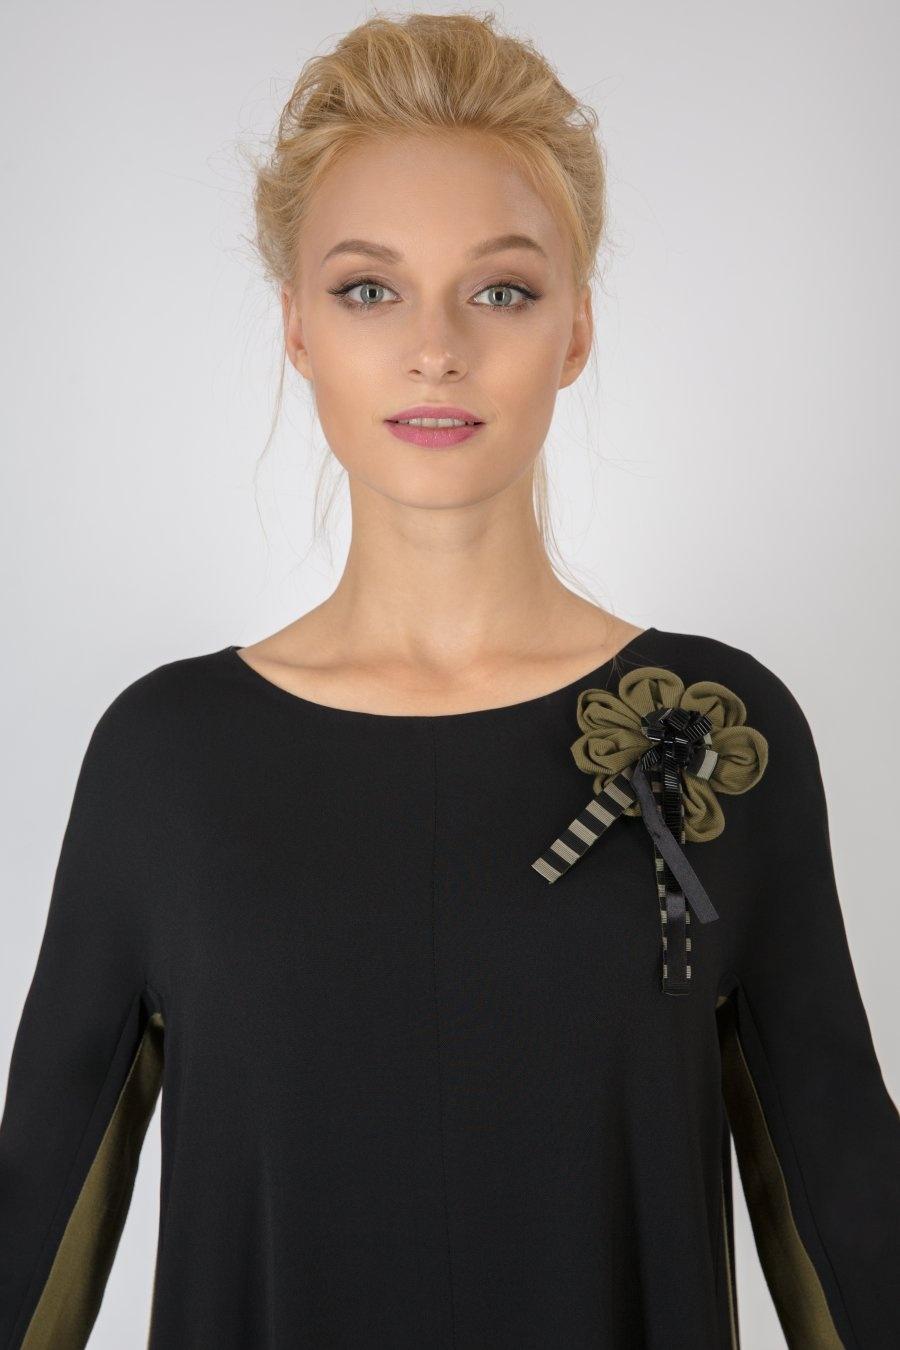 Черное платье свободного силуэта с лампасами и декоративным цветком